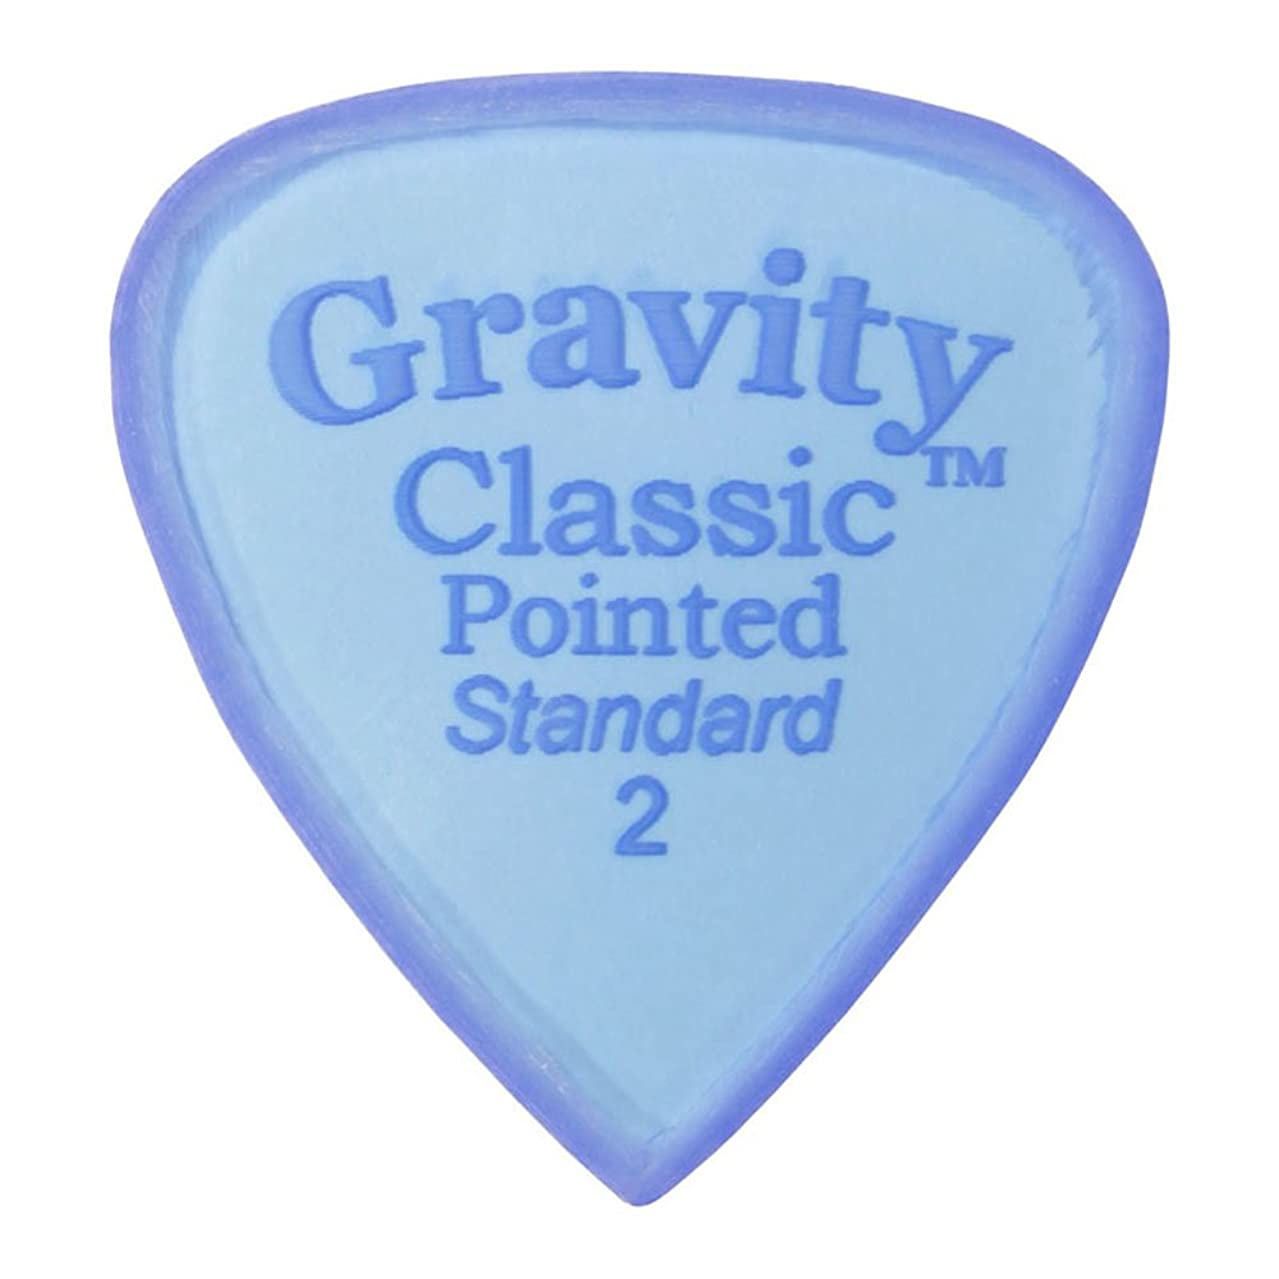 声を出してスカープ物理的にGRAVITYピック(STD)グラビティーピックGCPS2M    2.0